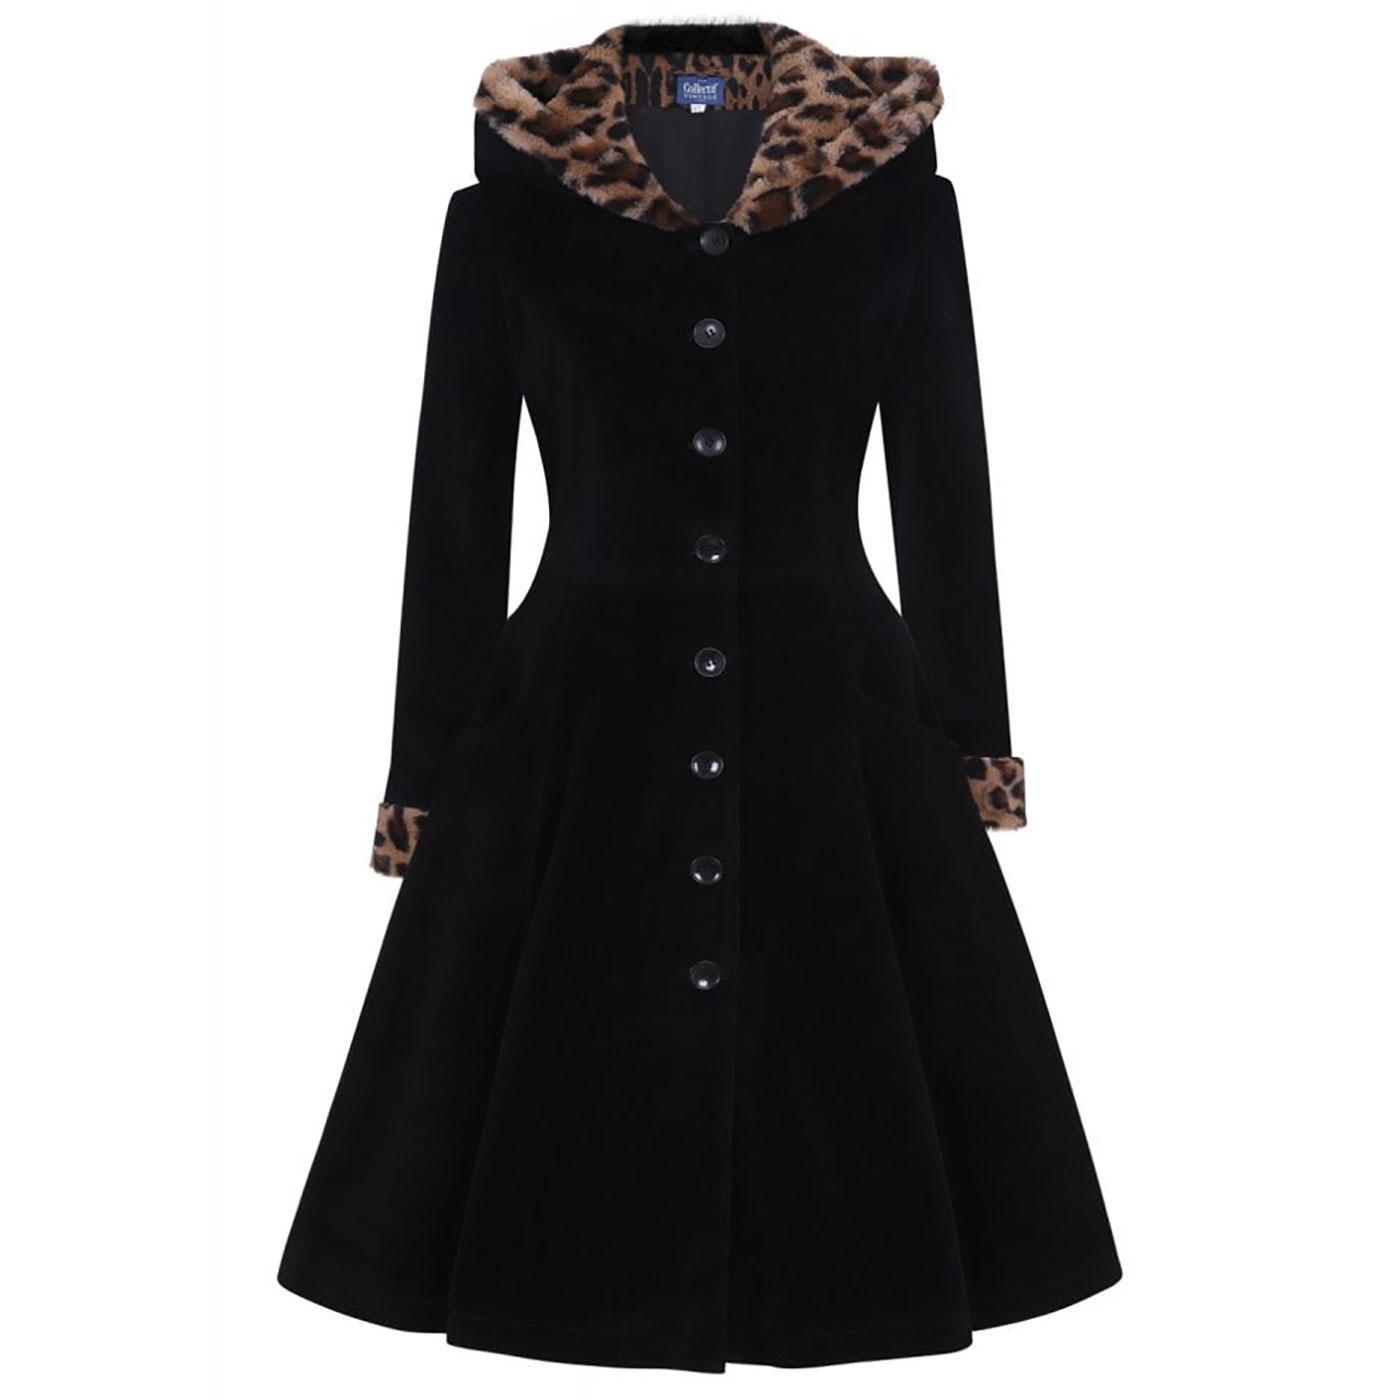 Hazel COLLECTIF Leopard Print Winter Swing Coat